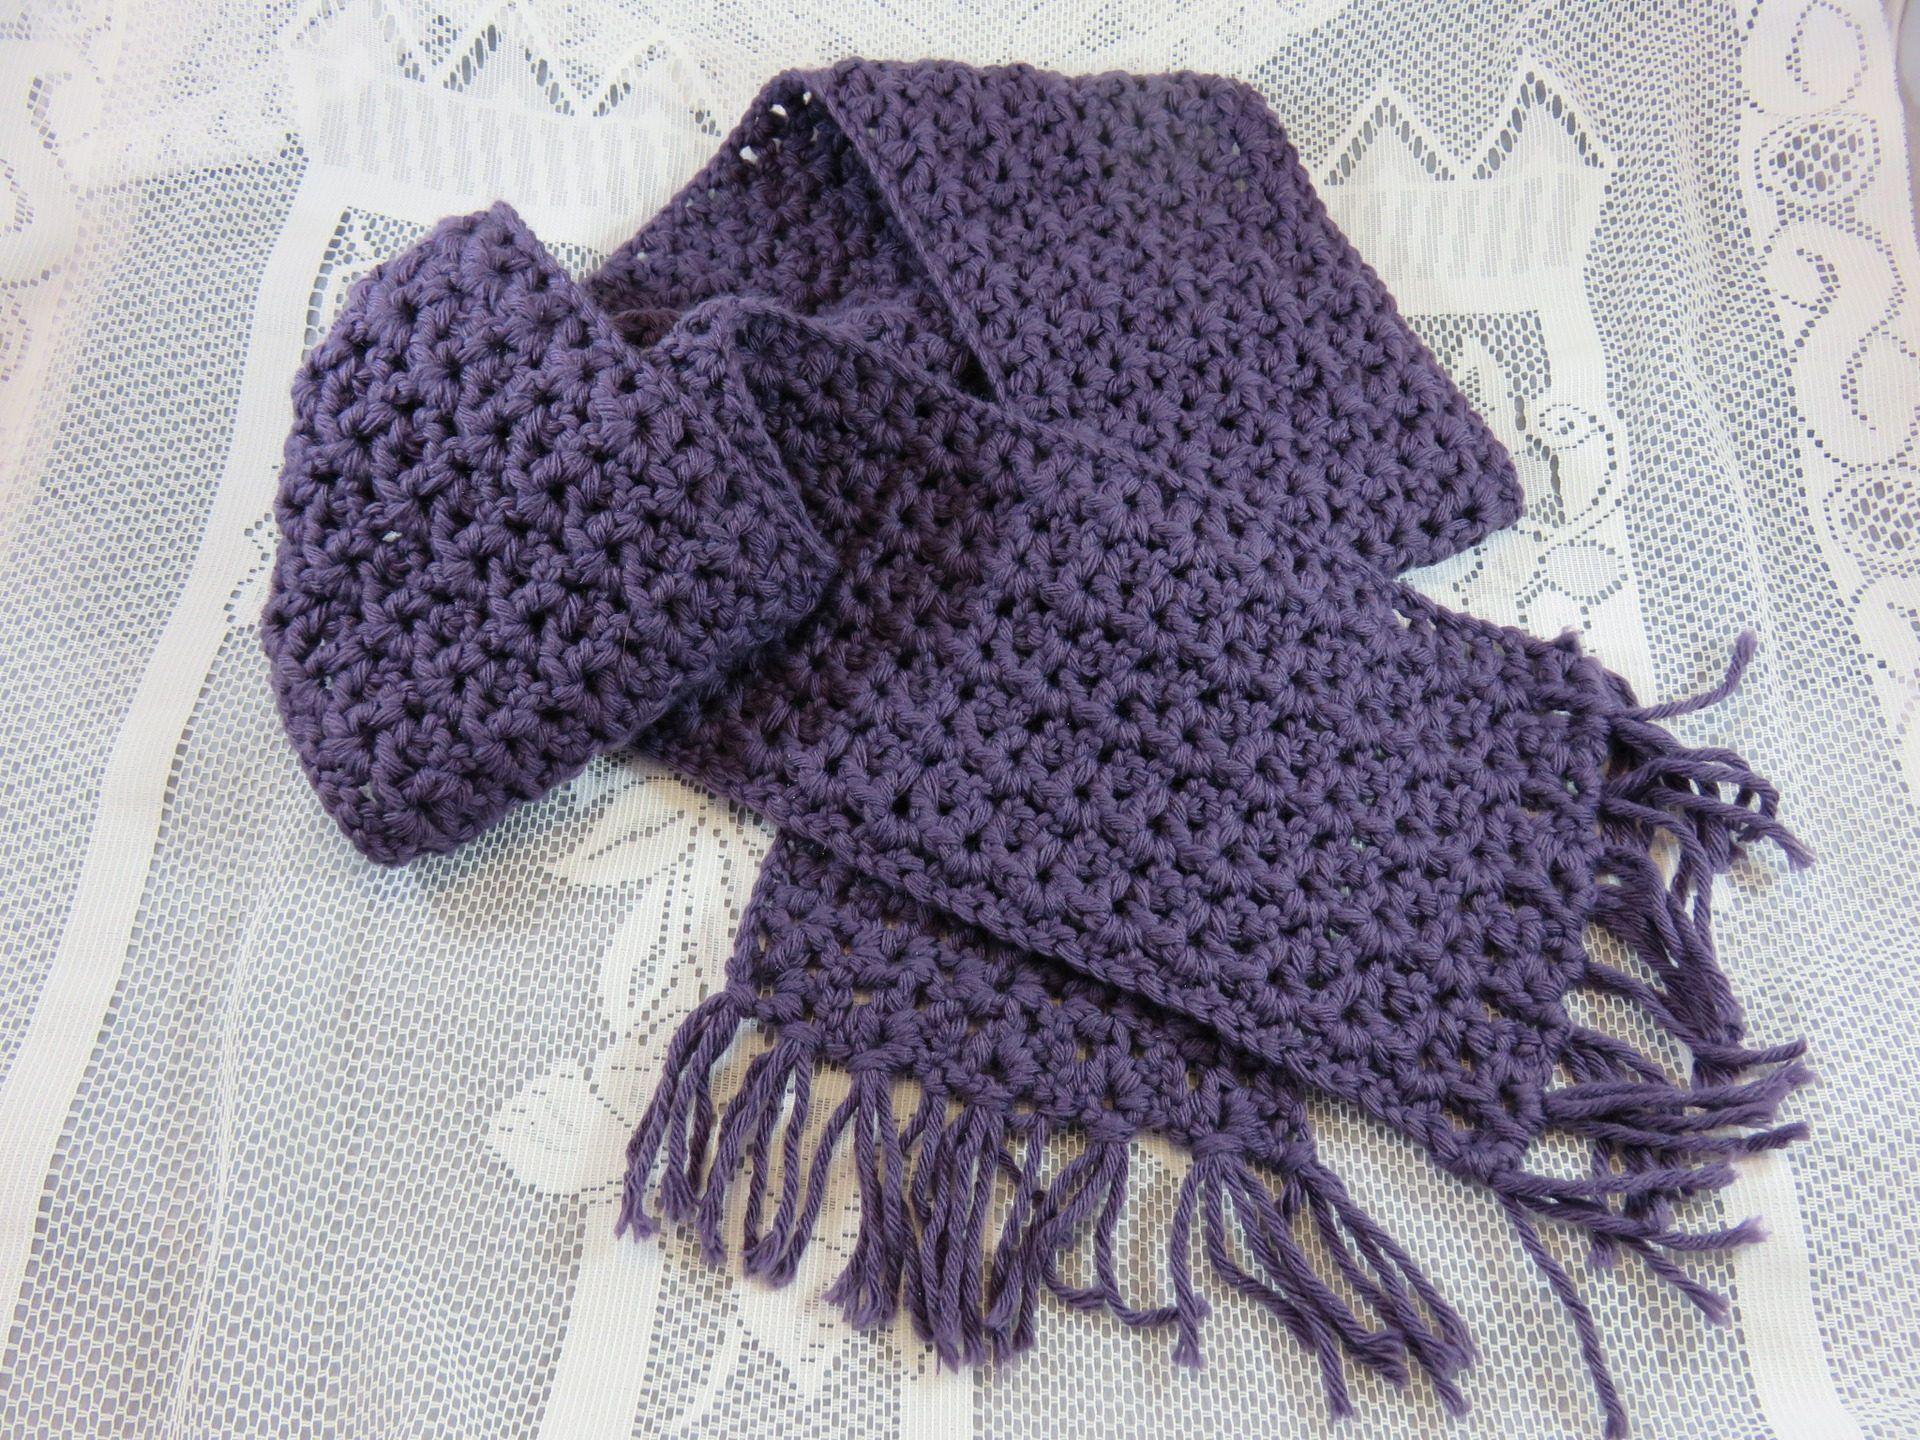 Echarpe en laine, écharpe au crochet, Jolie point fantaisie, écharpe pour  fille et femme, laine Phildar de couleur mure, écharpe violette de la  boutique ... 9a6004f6d89